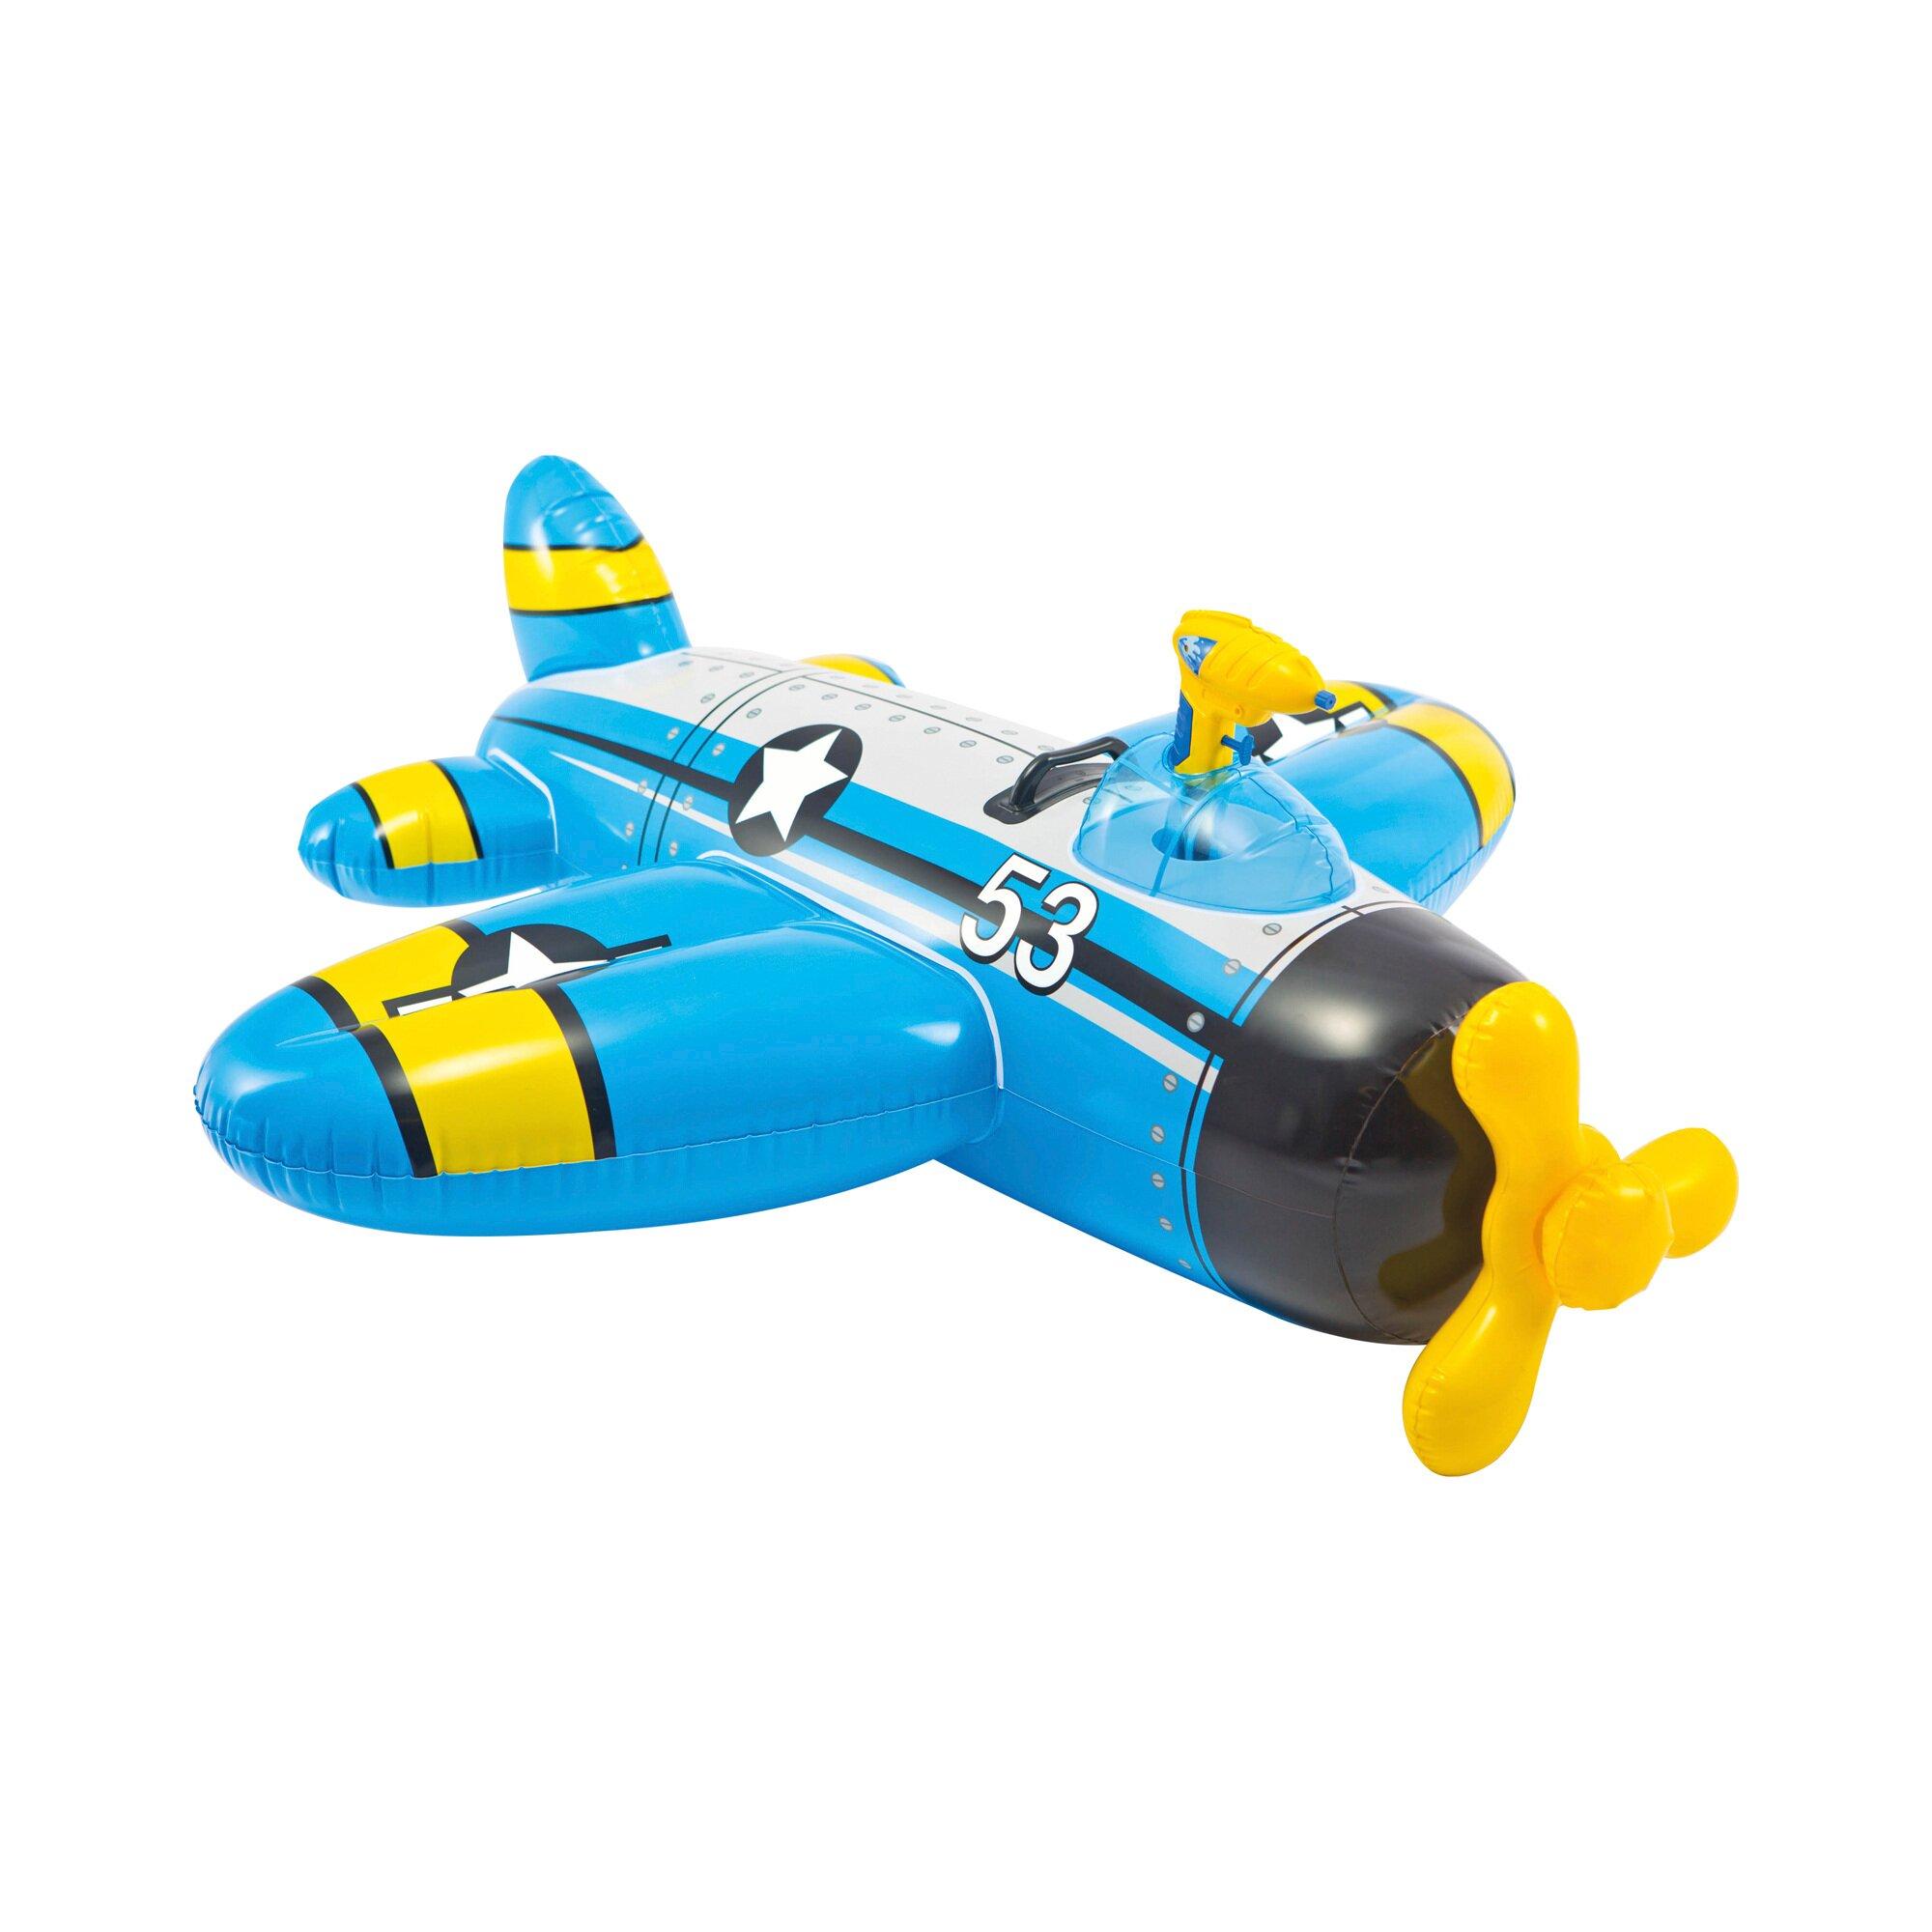 intex-wasserspielzeug-flugzeug-mit-spritzfunktion